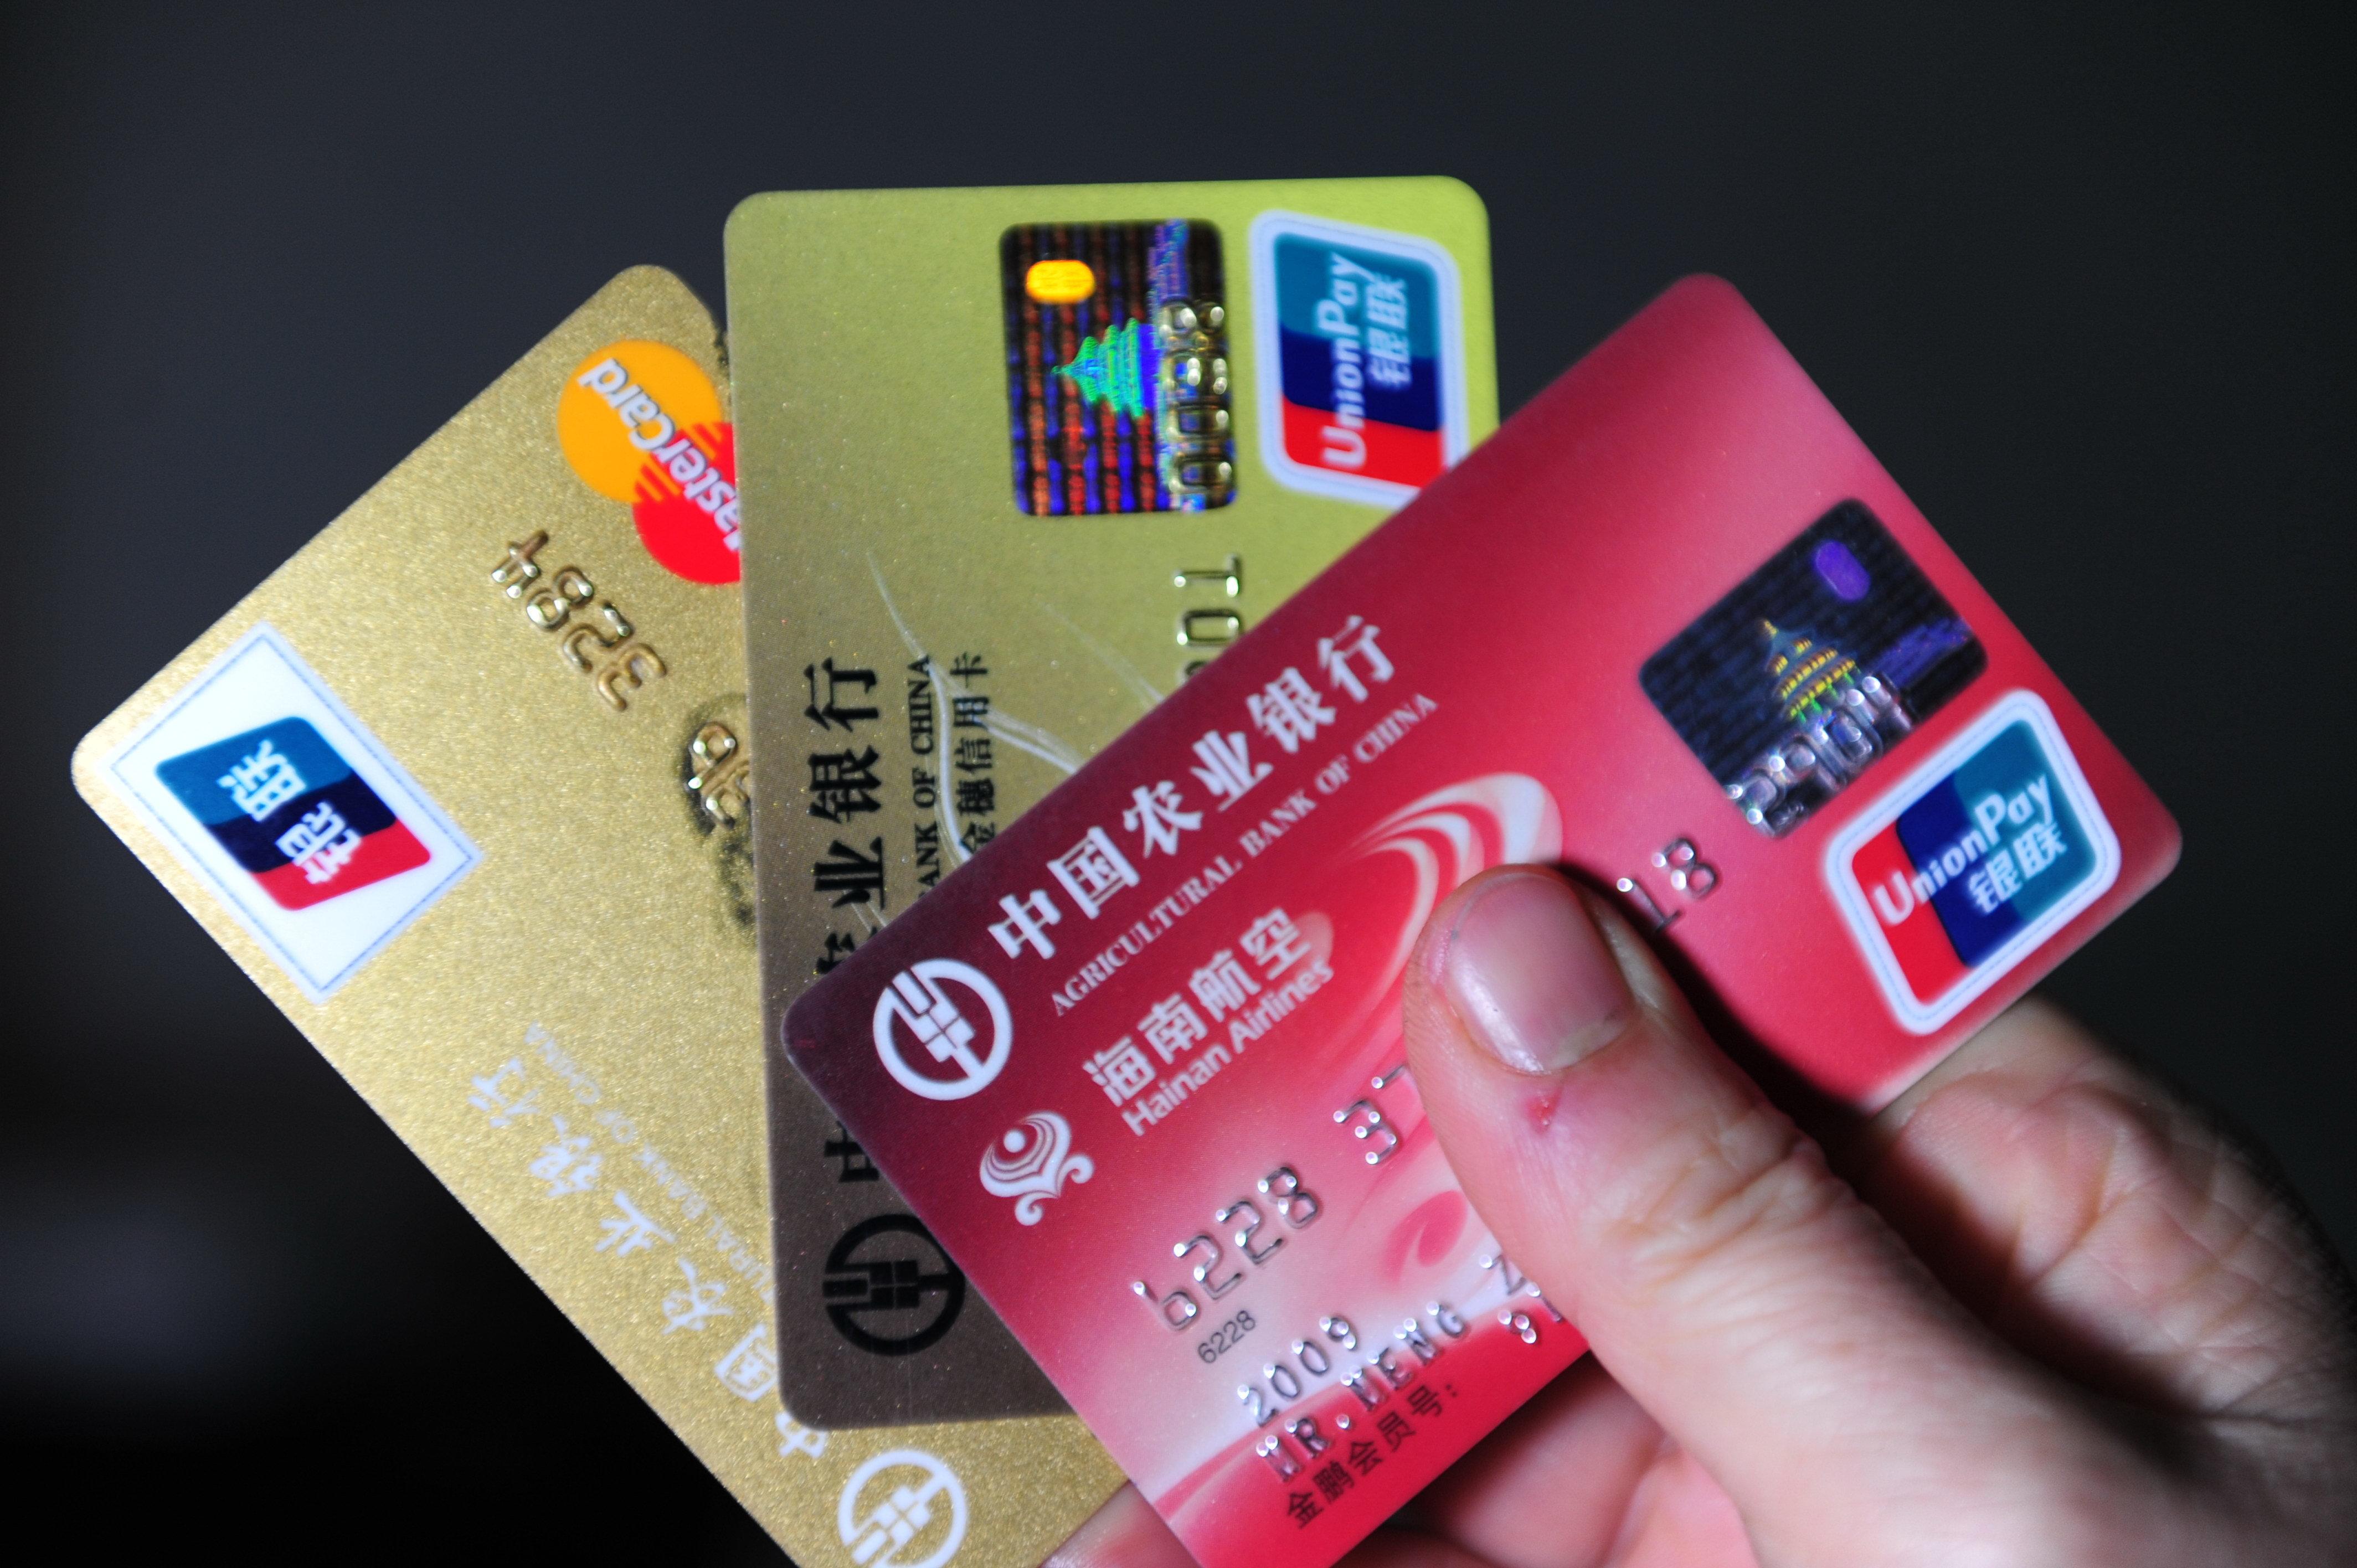 平安信用卡暴力提额,这样操作成功率更高!